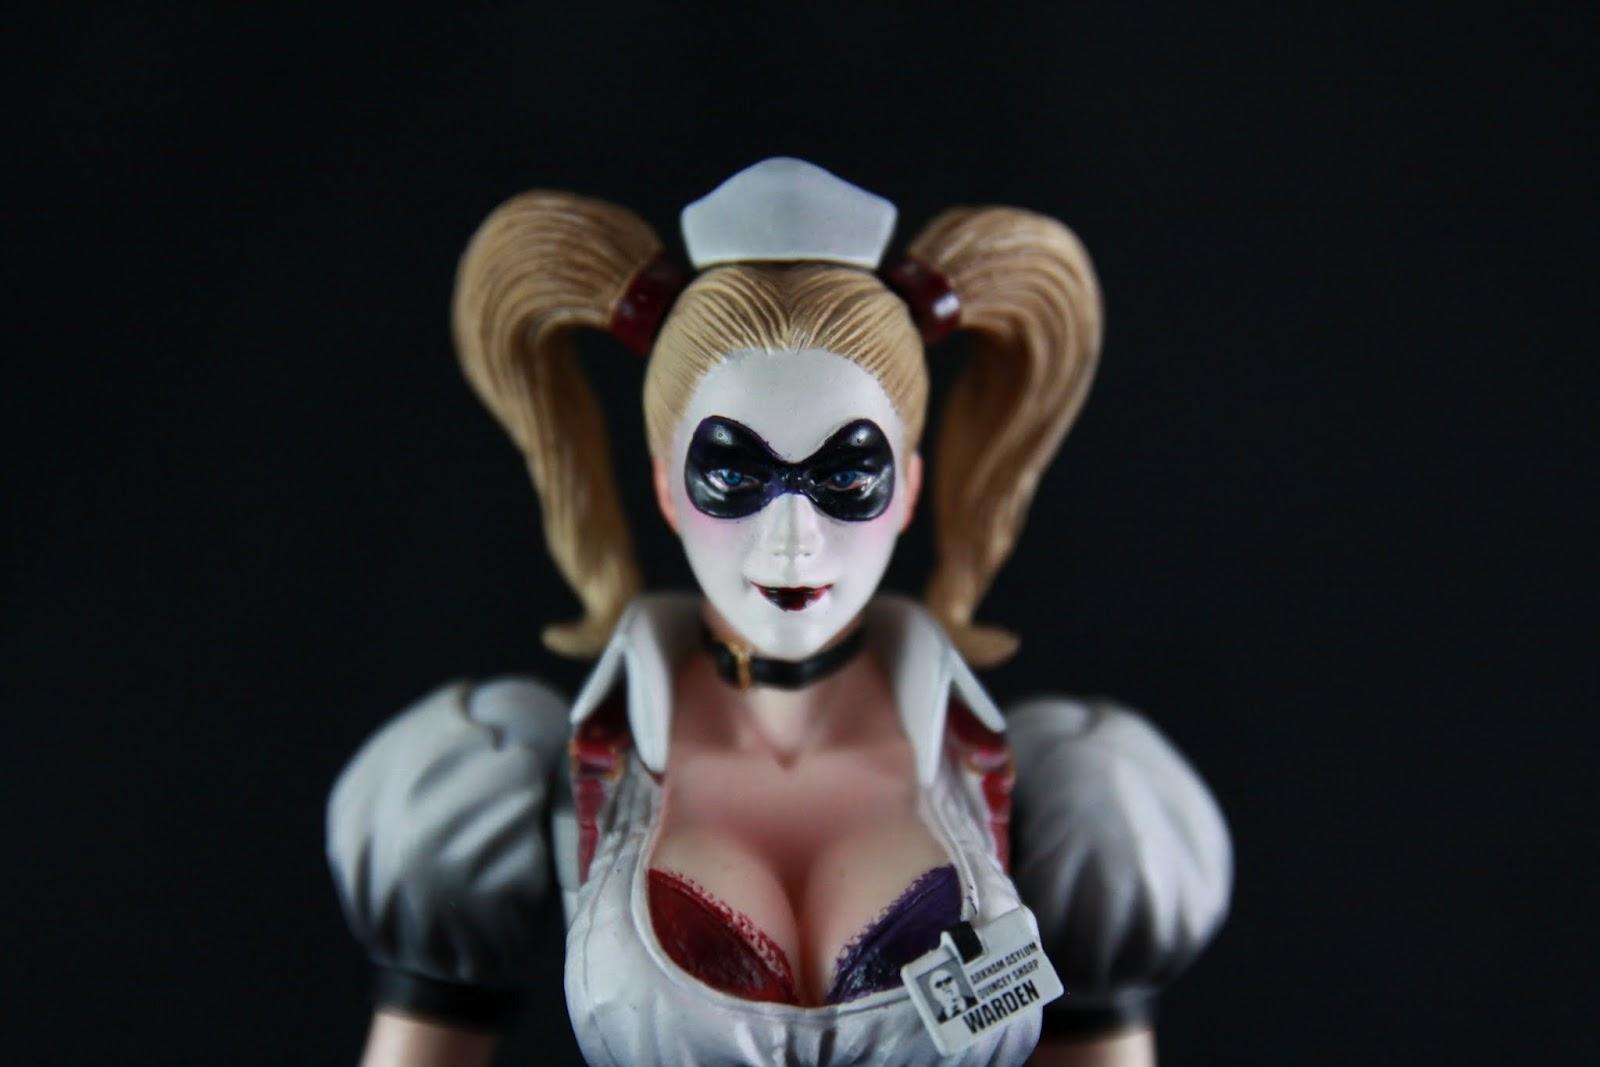 頭雕部分 我個人沒看過Harley Quinn卸妝後的樣子 有沒有人可以提供一下漫畫原著卸妝的樣子咩? 就這種濃妝來反推的話 其實Harley Quinn不是個正妹